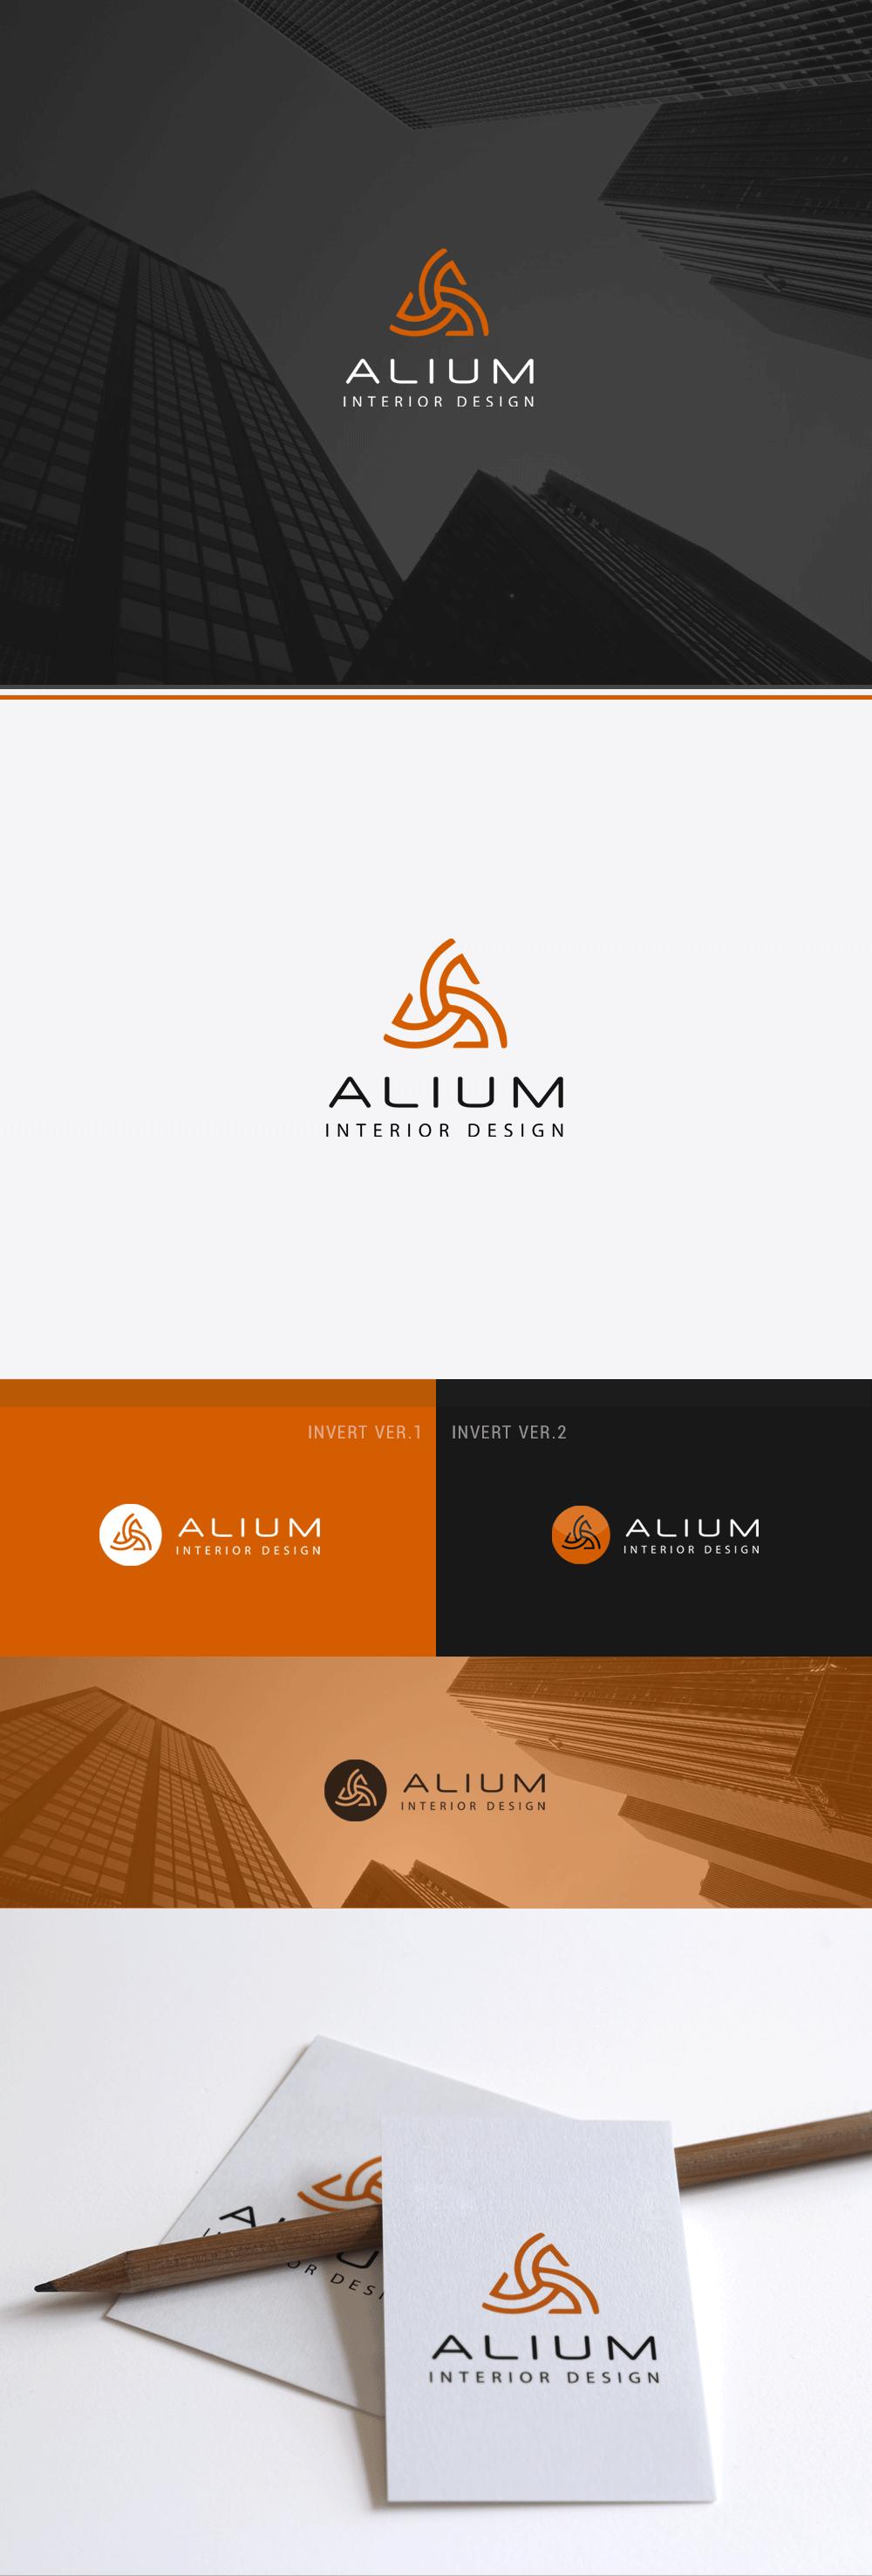 Логотип для дизайн студии фото f_84859df2f1229ce0.png